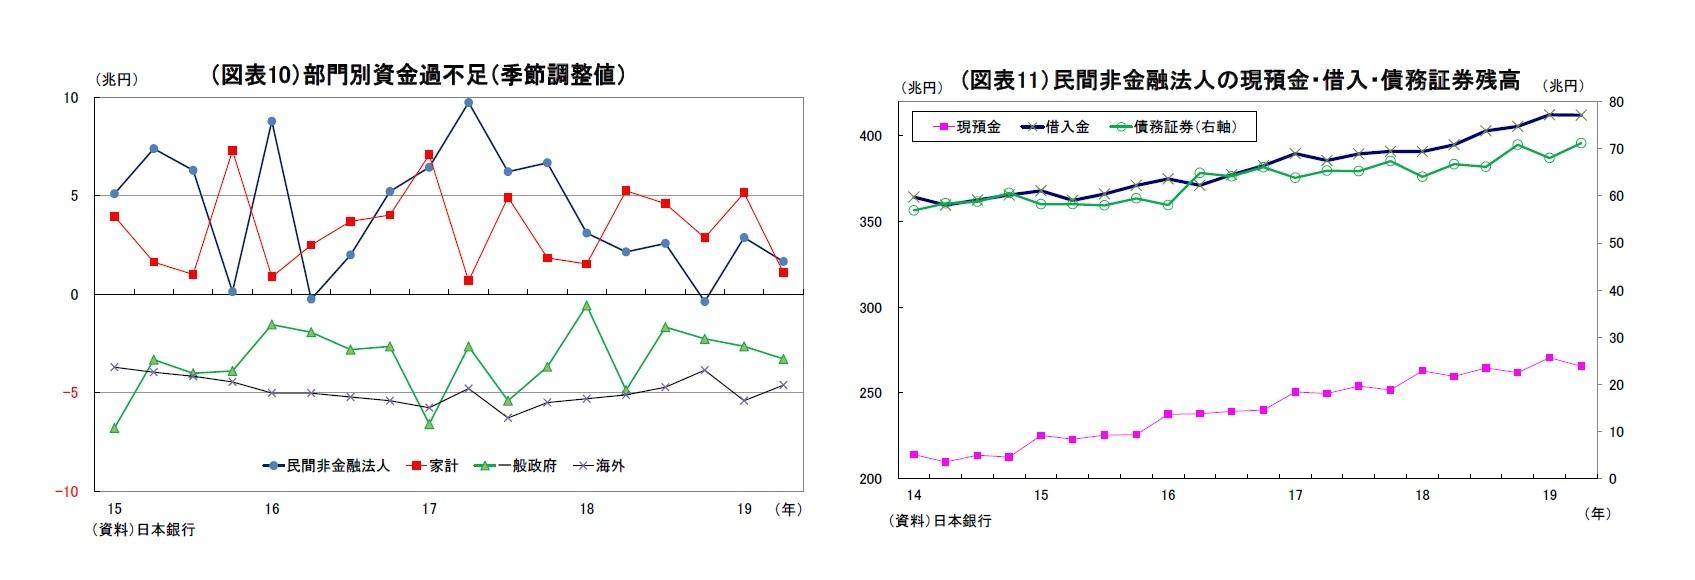 (図表10)部門別資金過不足(季節調整値)/(図表11)民間非金融法人の現預金・借入・債務証券残高